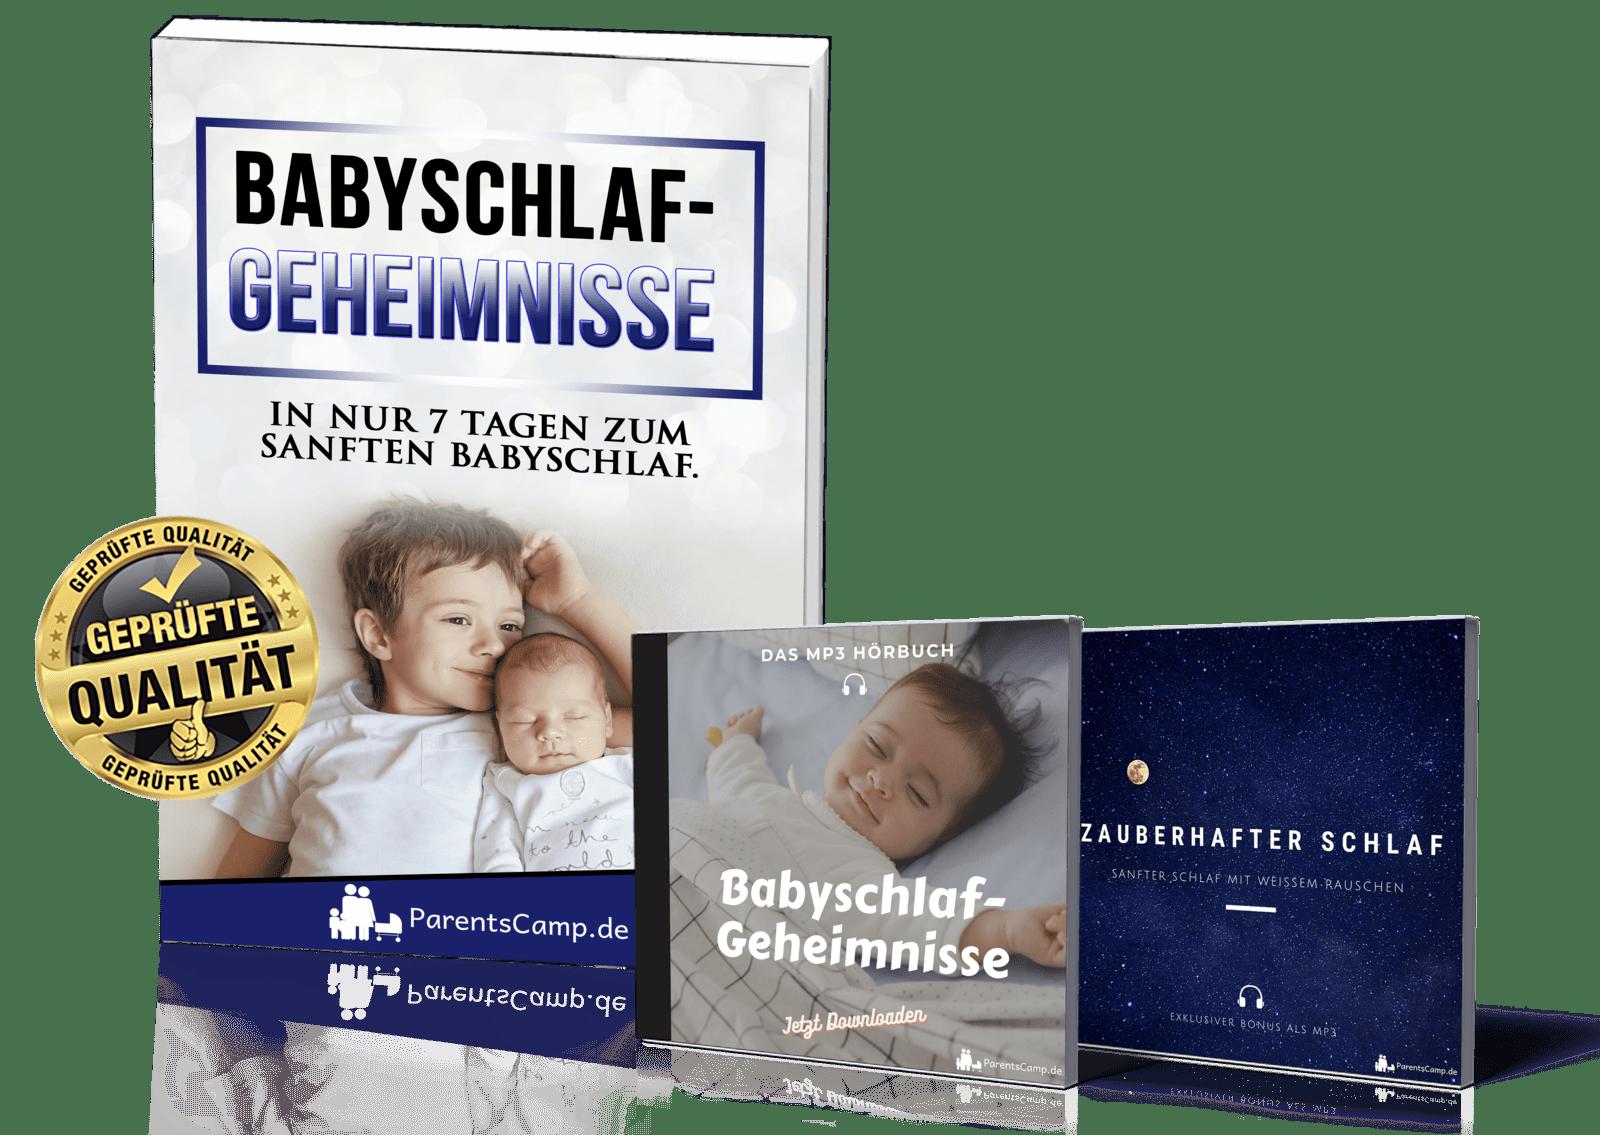 Babyschlaf-Geheimnisse